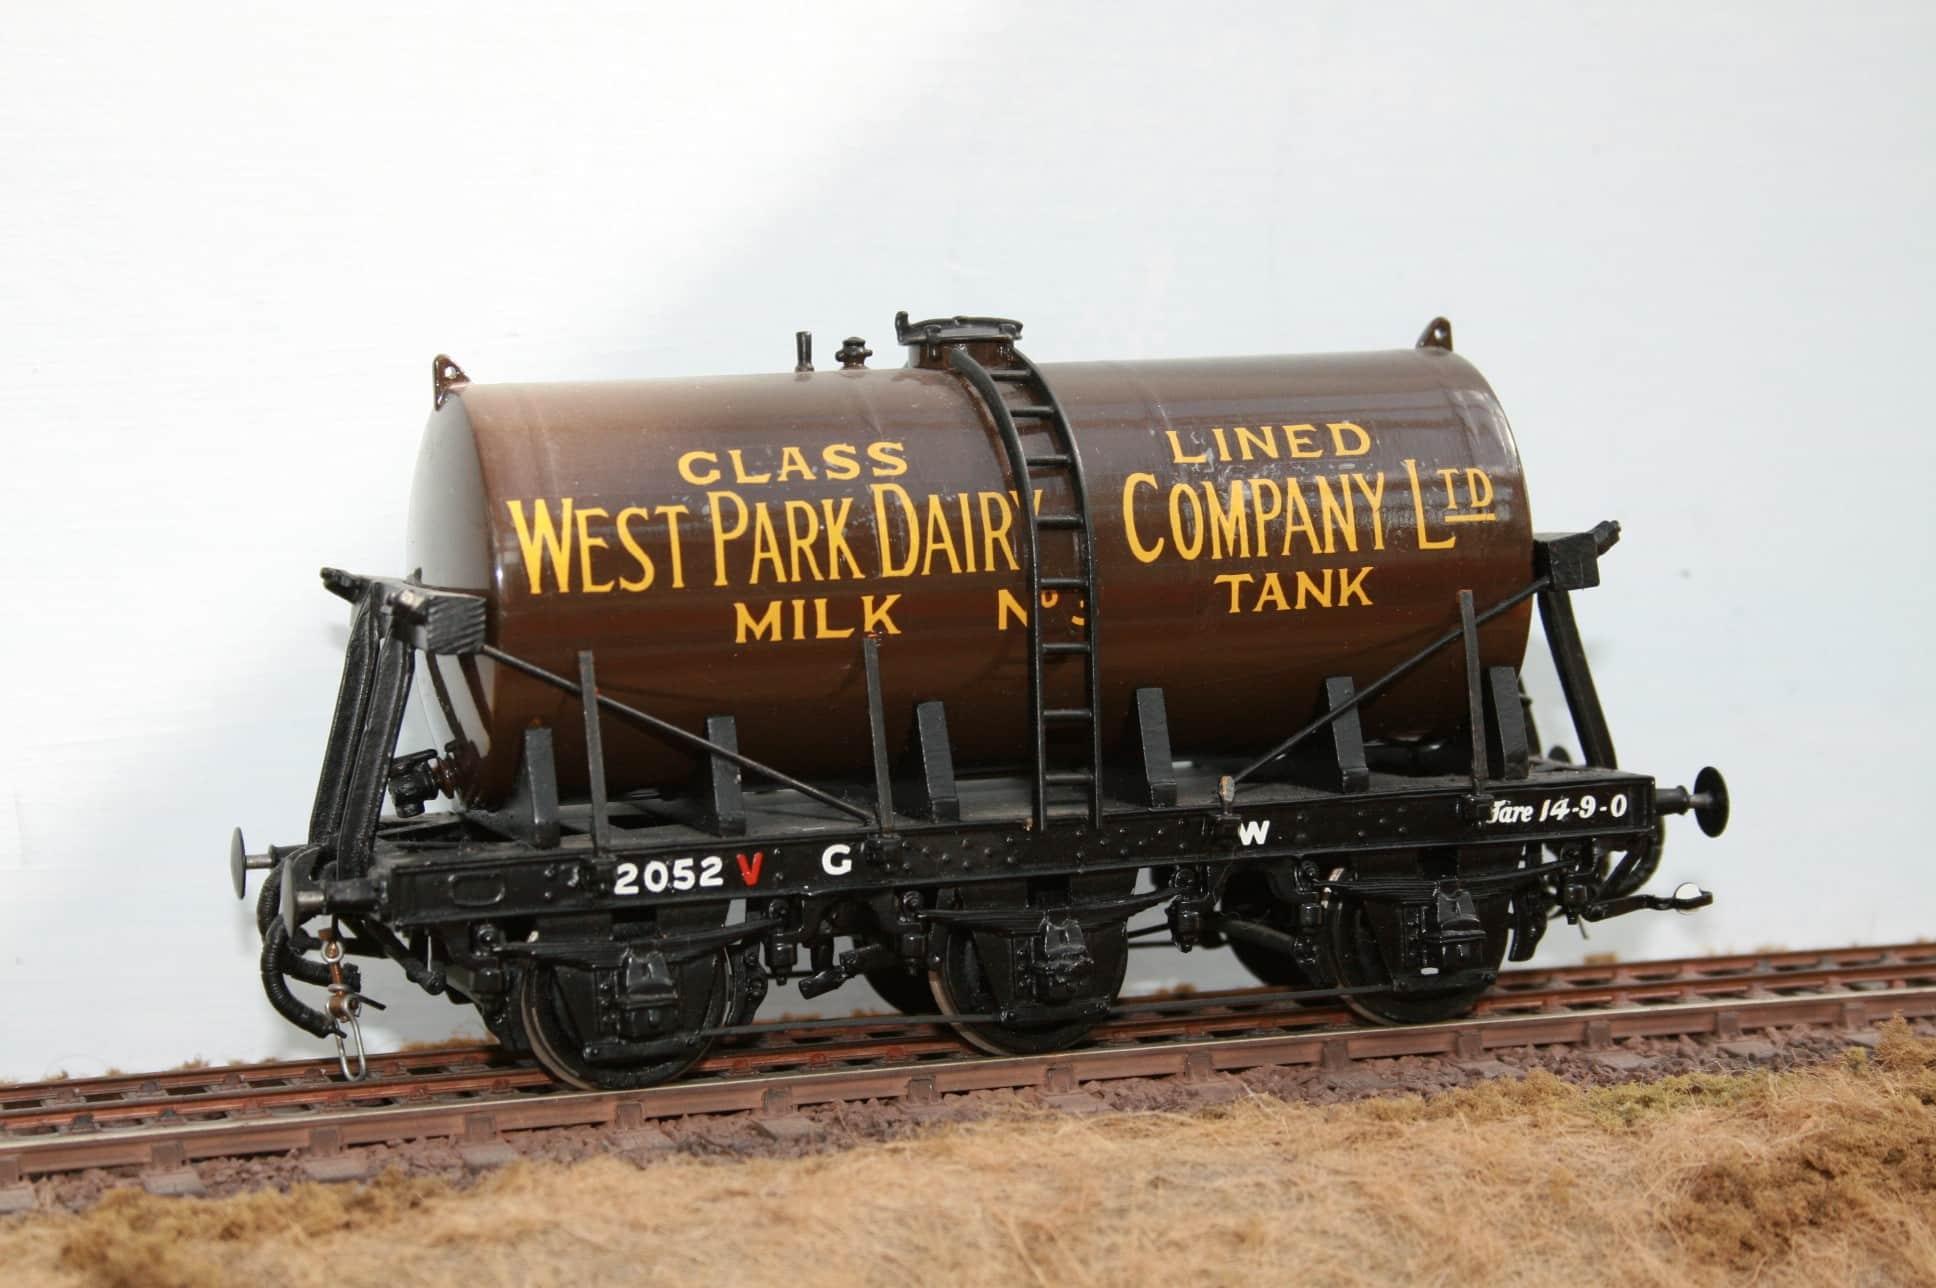 West Park Dairy Ltd.Tank No.3 on GWR 6 wheel wagon frame r/n 2052